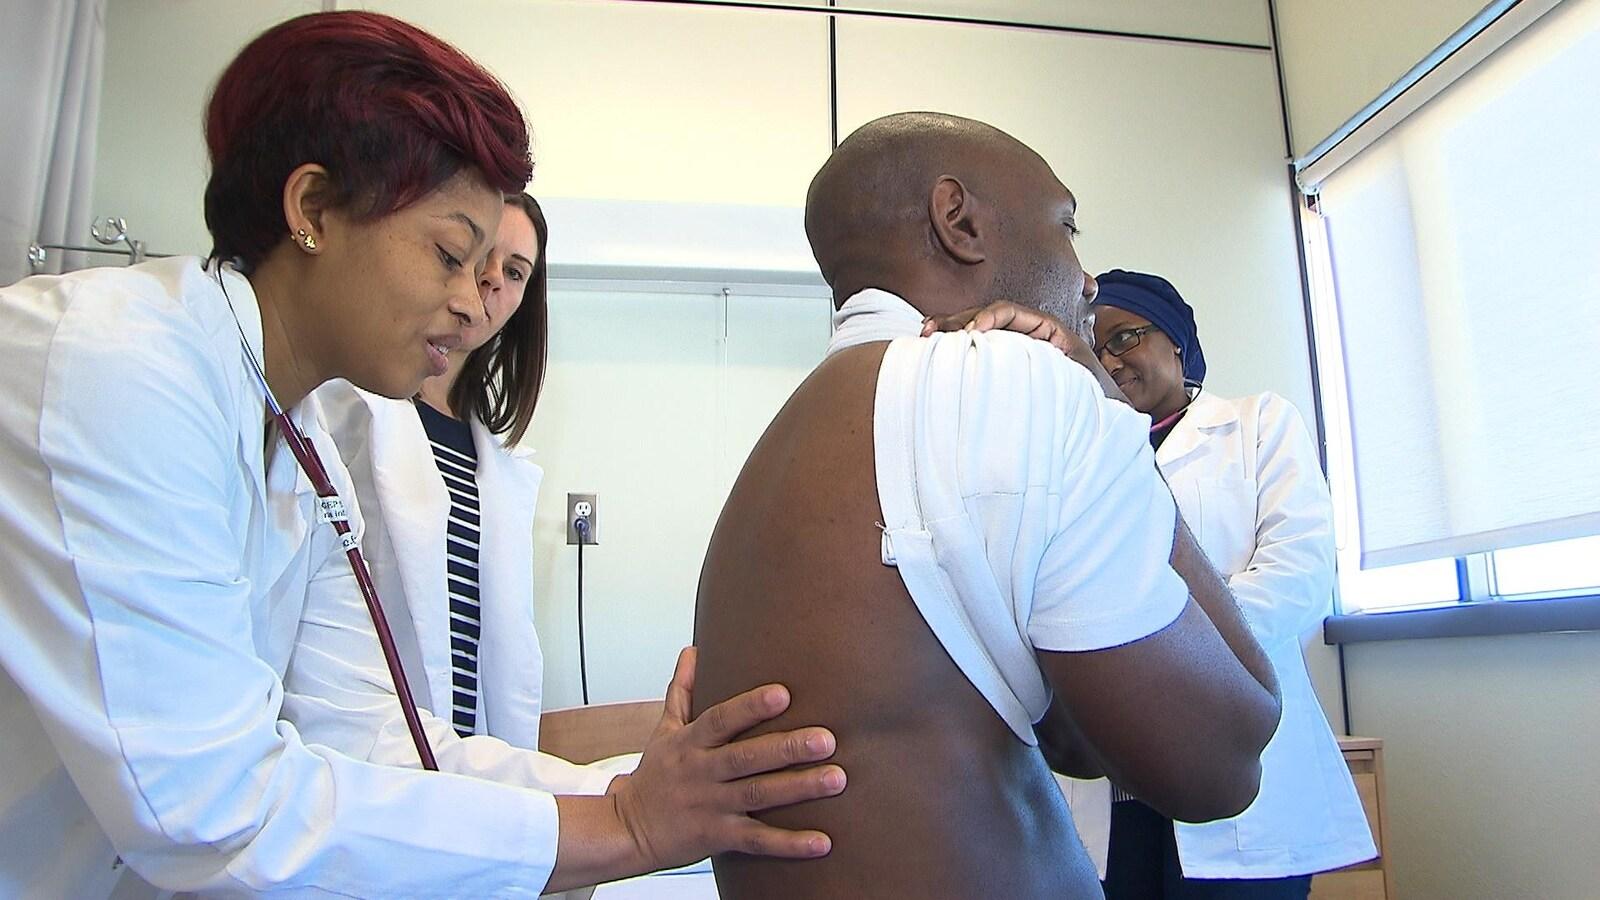 Elle ausculte le dos d'un patient.